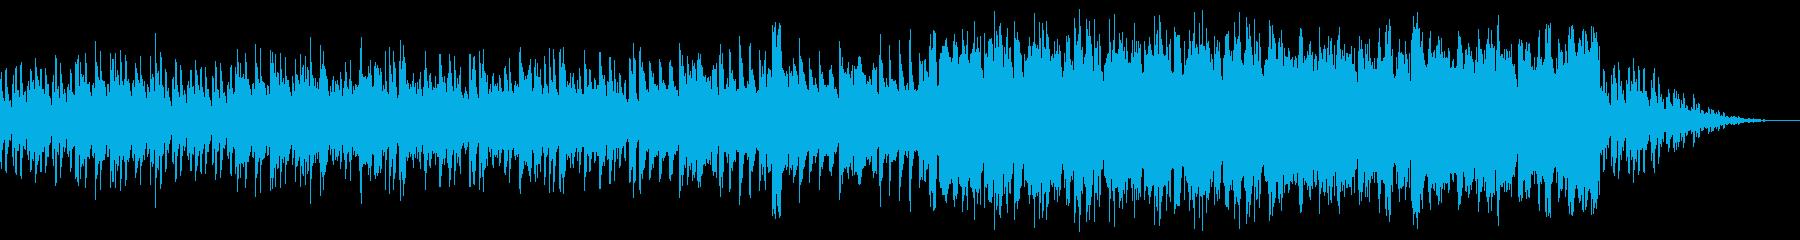 明るく楽しい場所の楽曲の再生済みの波形